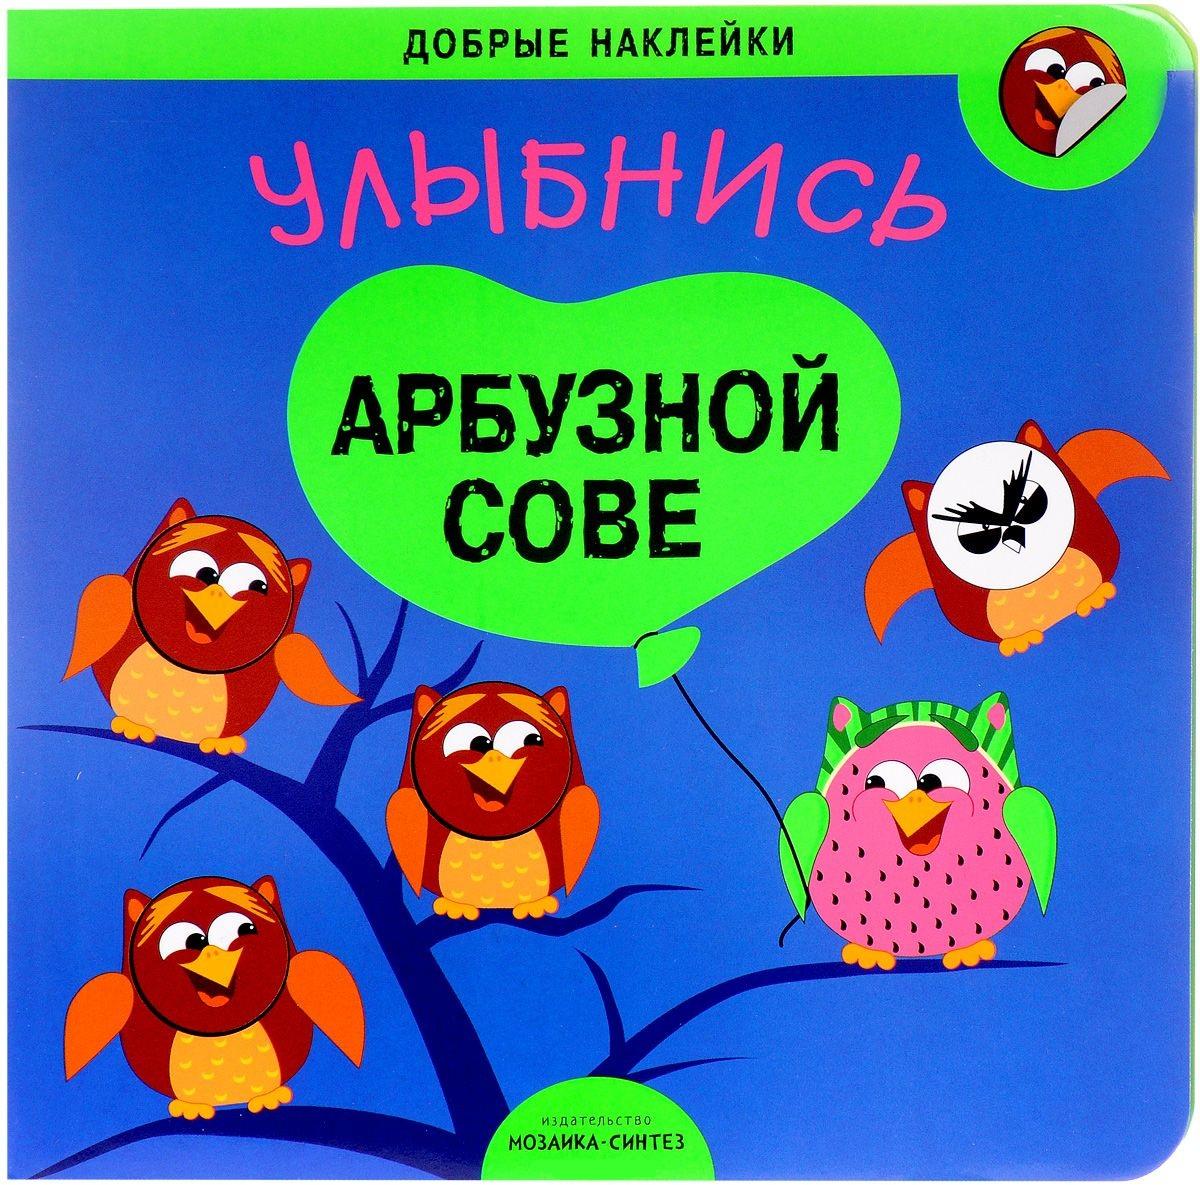 Книжка развивающая - Добрые наклейки - Улыбнись арбузной совеЗадания, головоломки, книги с наклейками<br>Книжка развивающая - Добрые наклейки - Улыбнись арбузной сове<br>